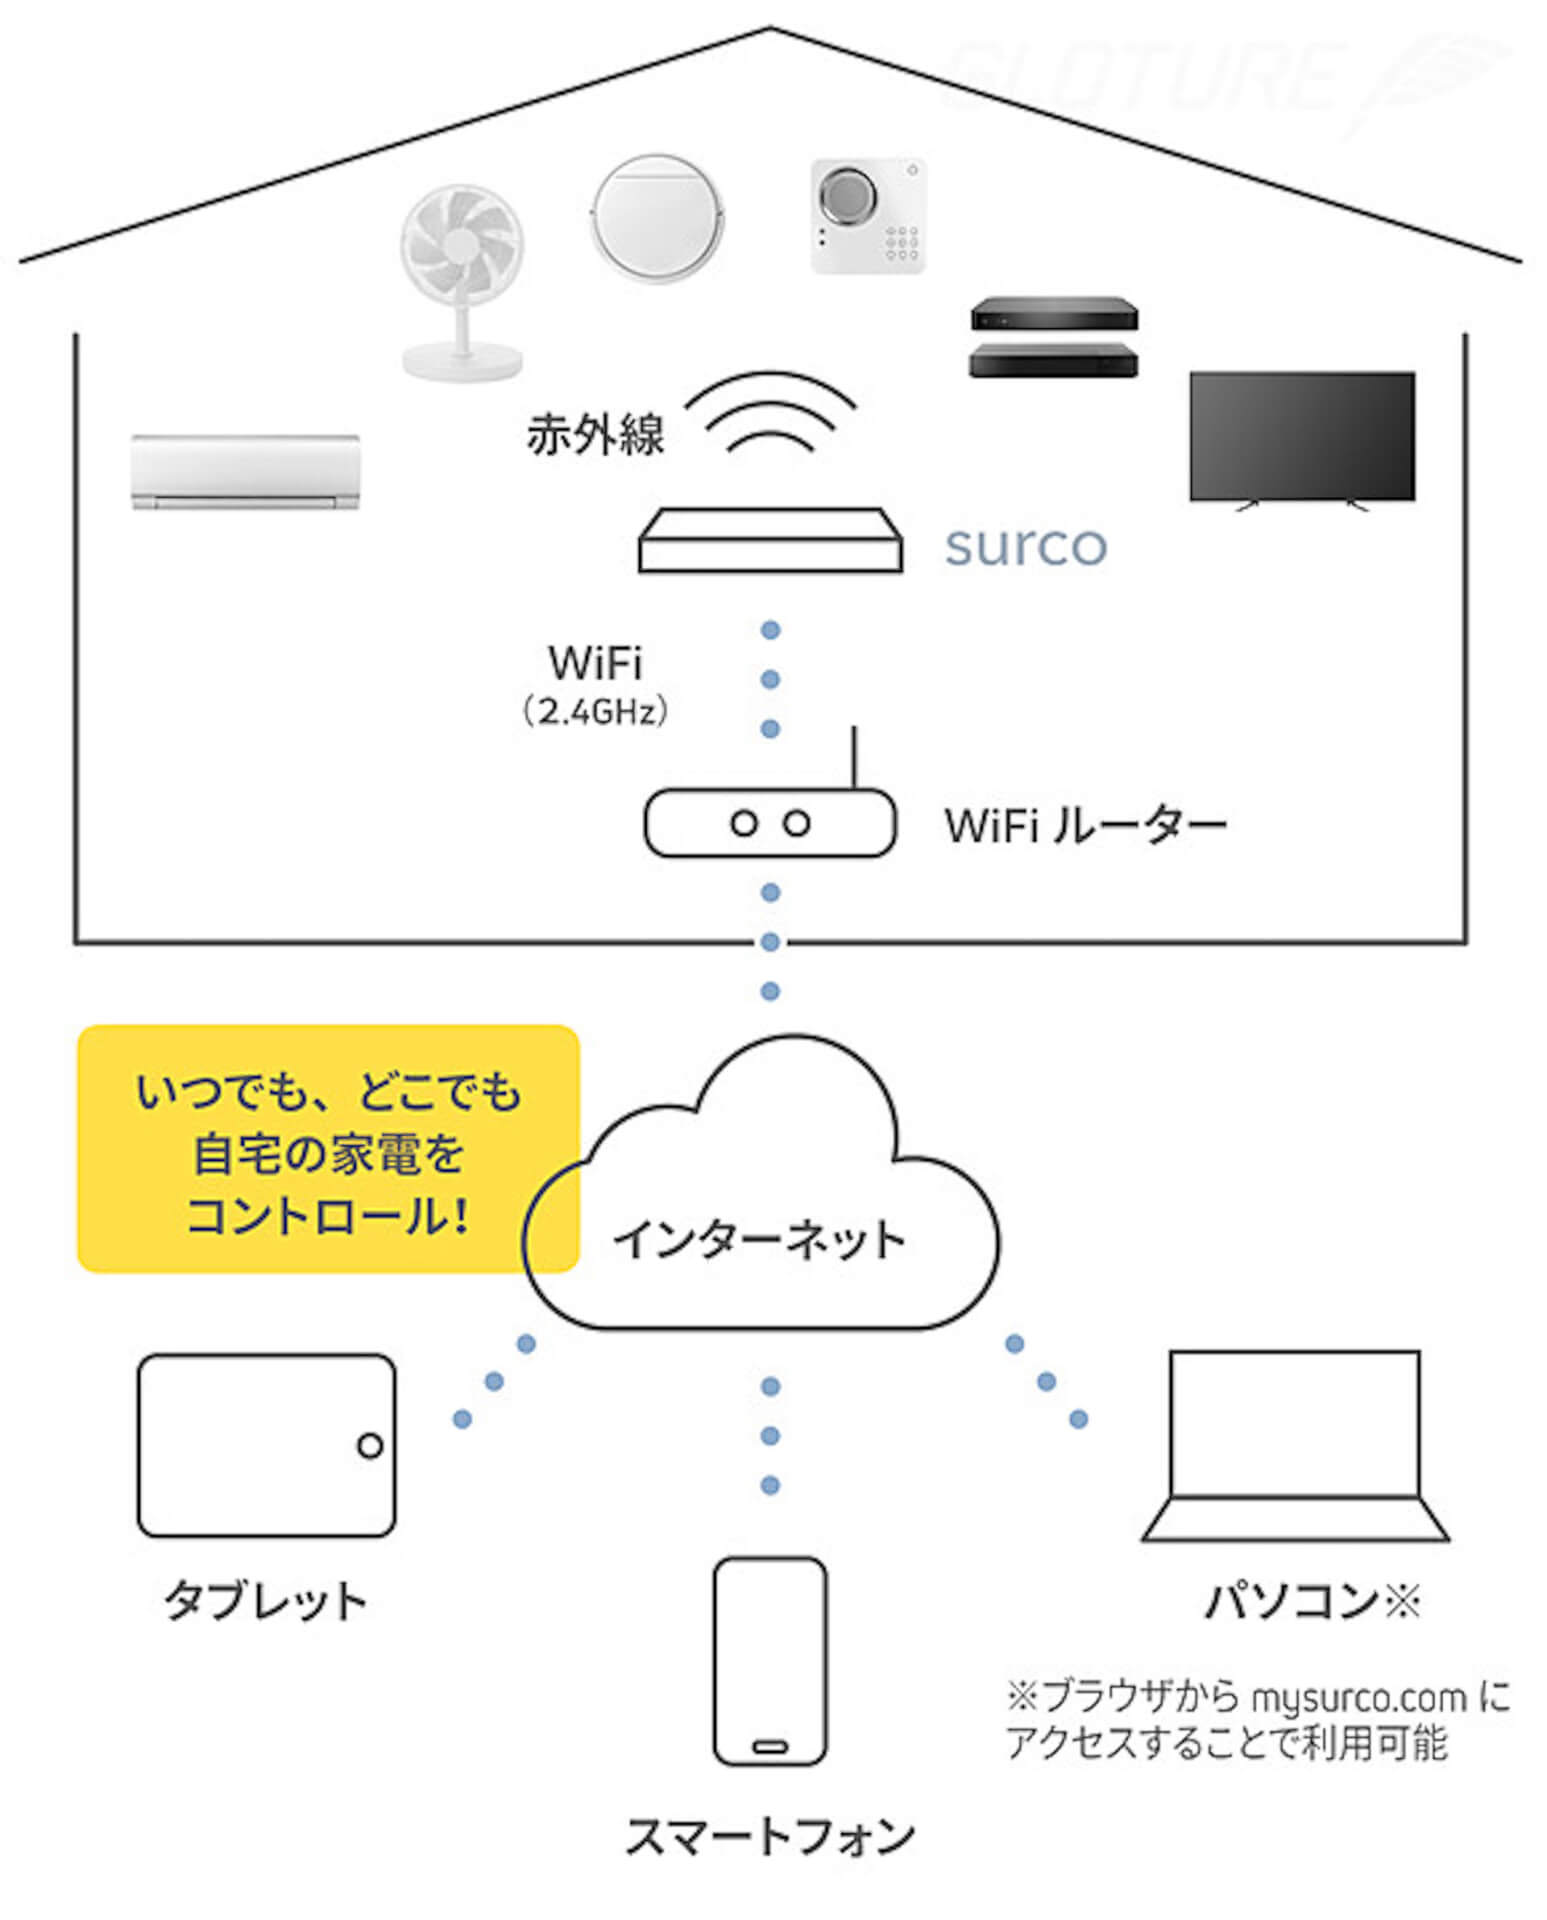 家電の操作はこれ1本で!クラウドファンディングで話題のスマートリモコン「surco」がGLOTURE.JPにて販売開始 tech200529_surco_06